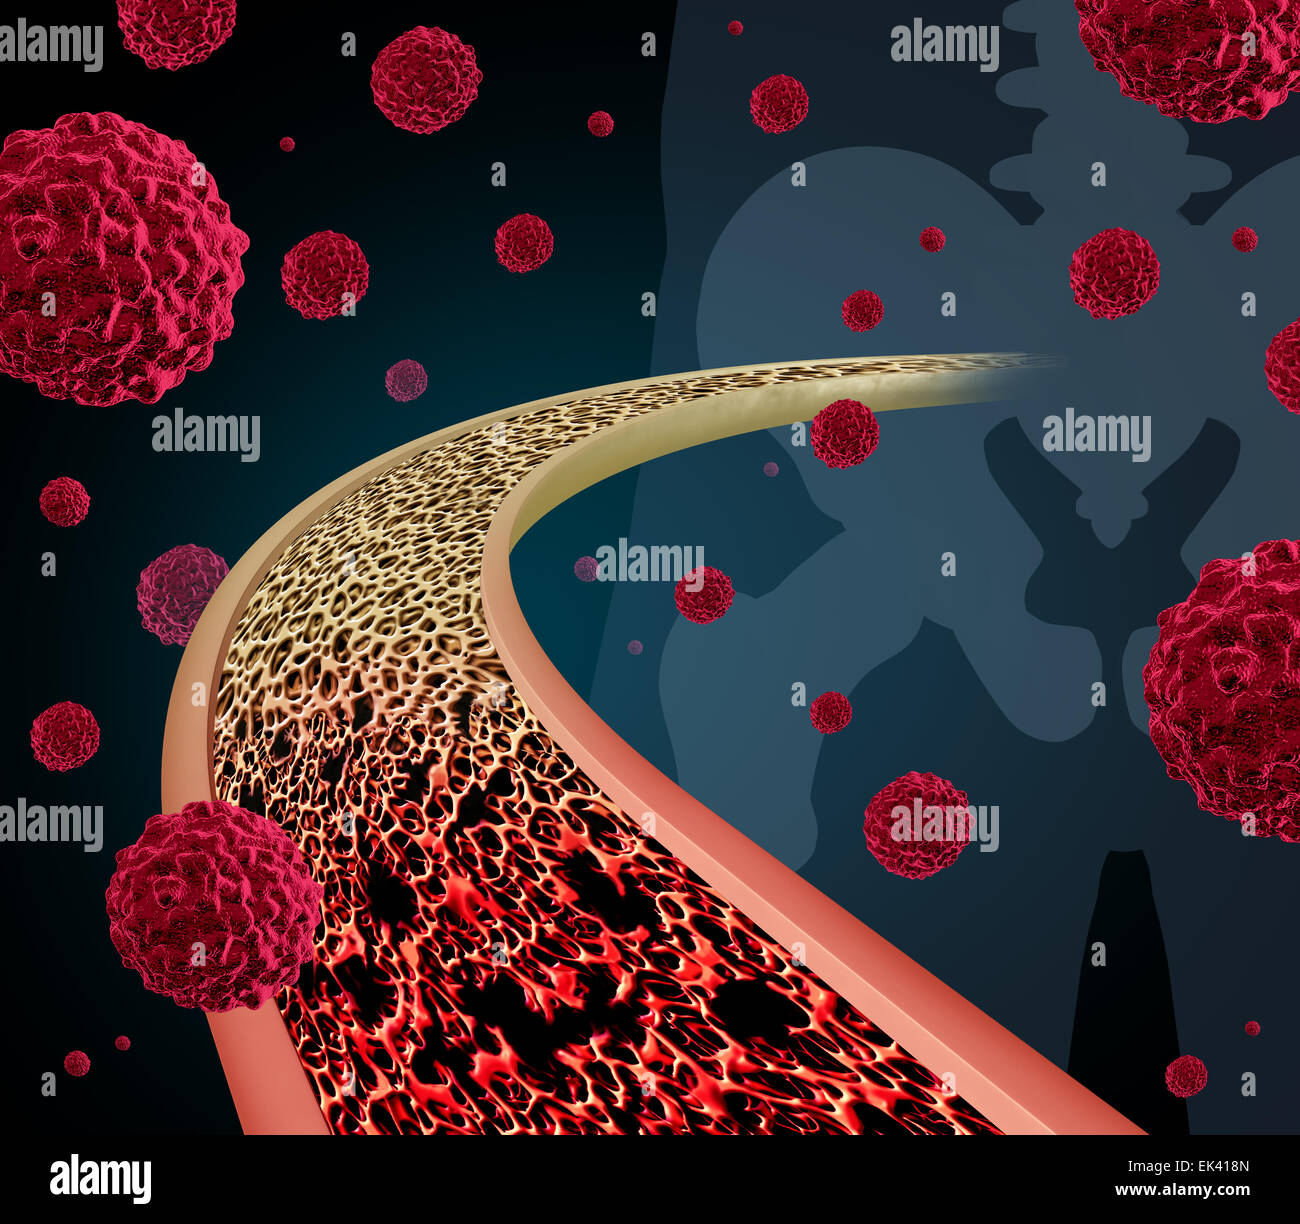 Le cancer des os concept illustration comme un gros plan schéma de l'intérieur d'un os humain Photo Stock